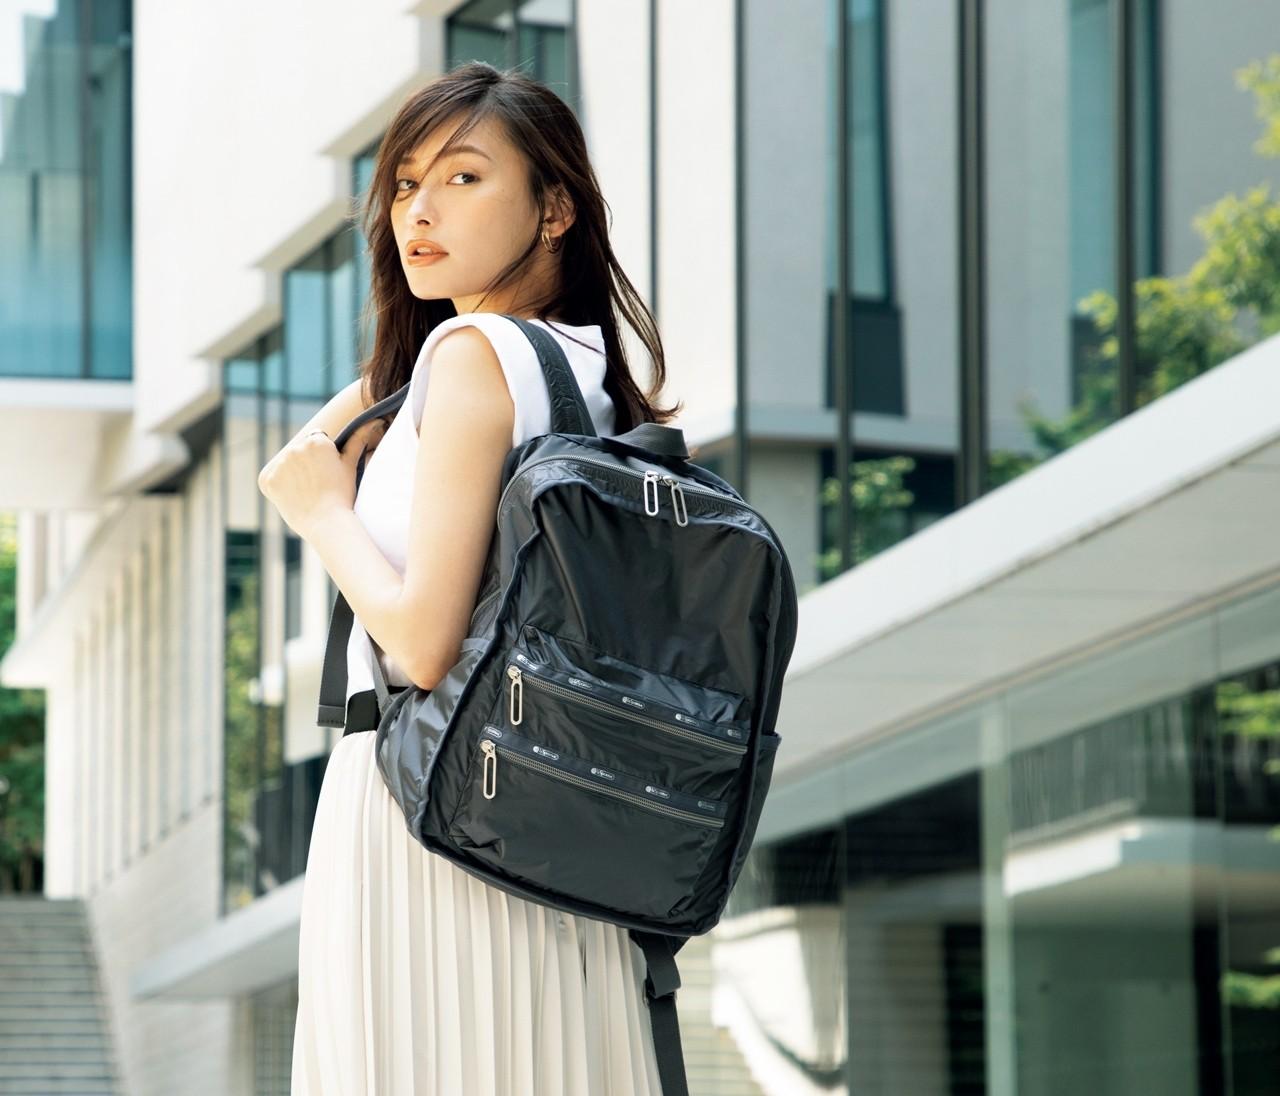 カジュアル化する通勤スタイルにも、休日のお出かけにも【毎日愛せるレスポートサックの機能派バッグ】